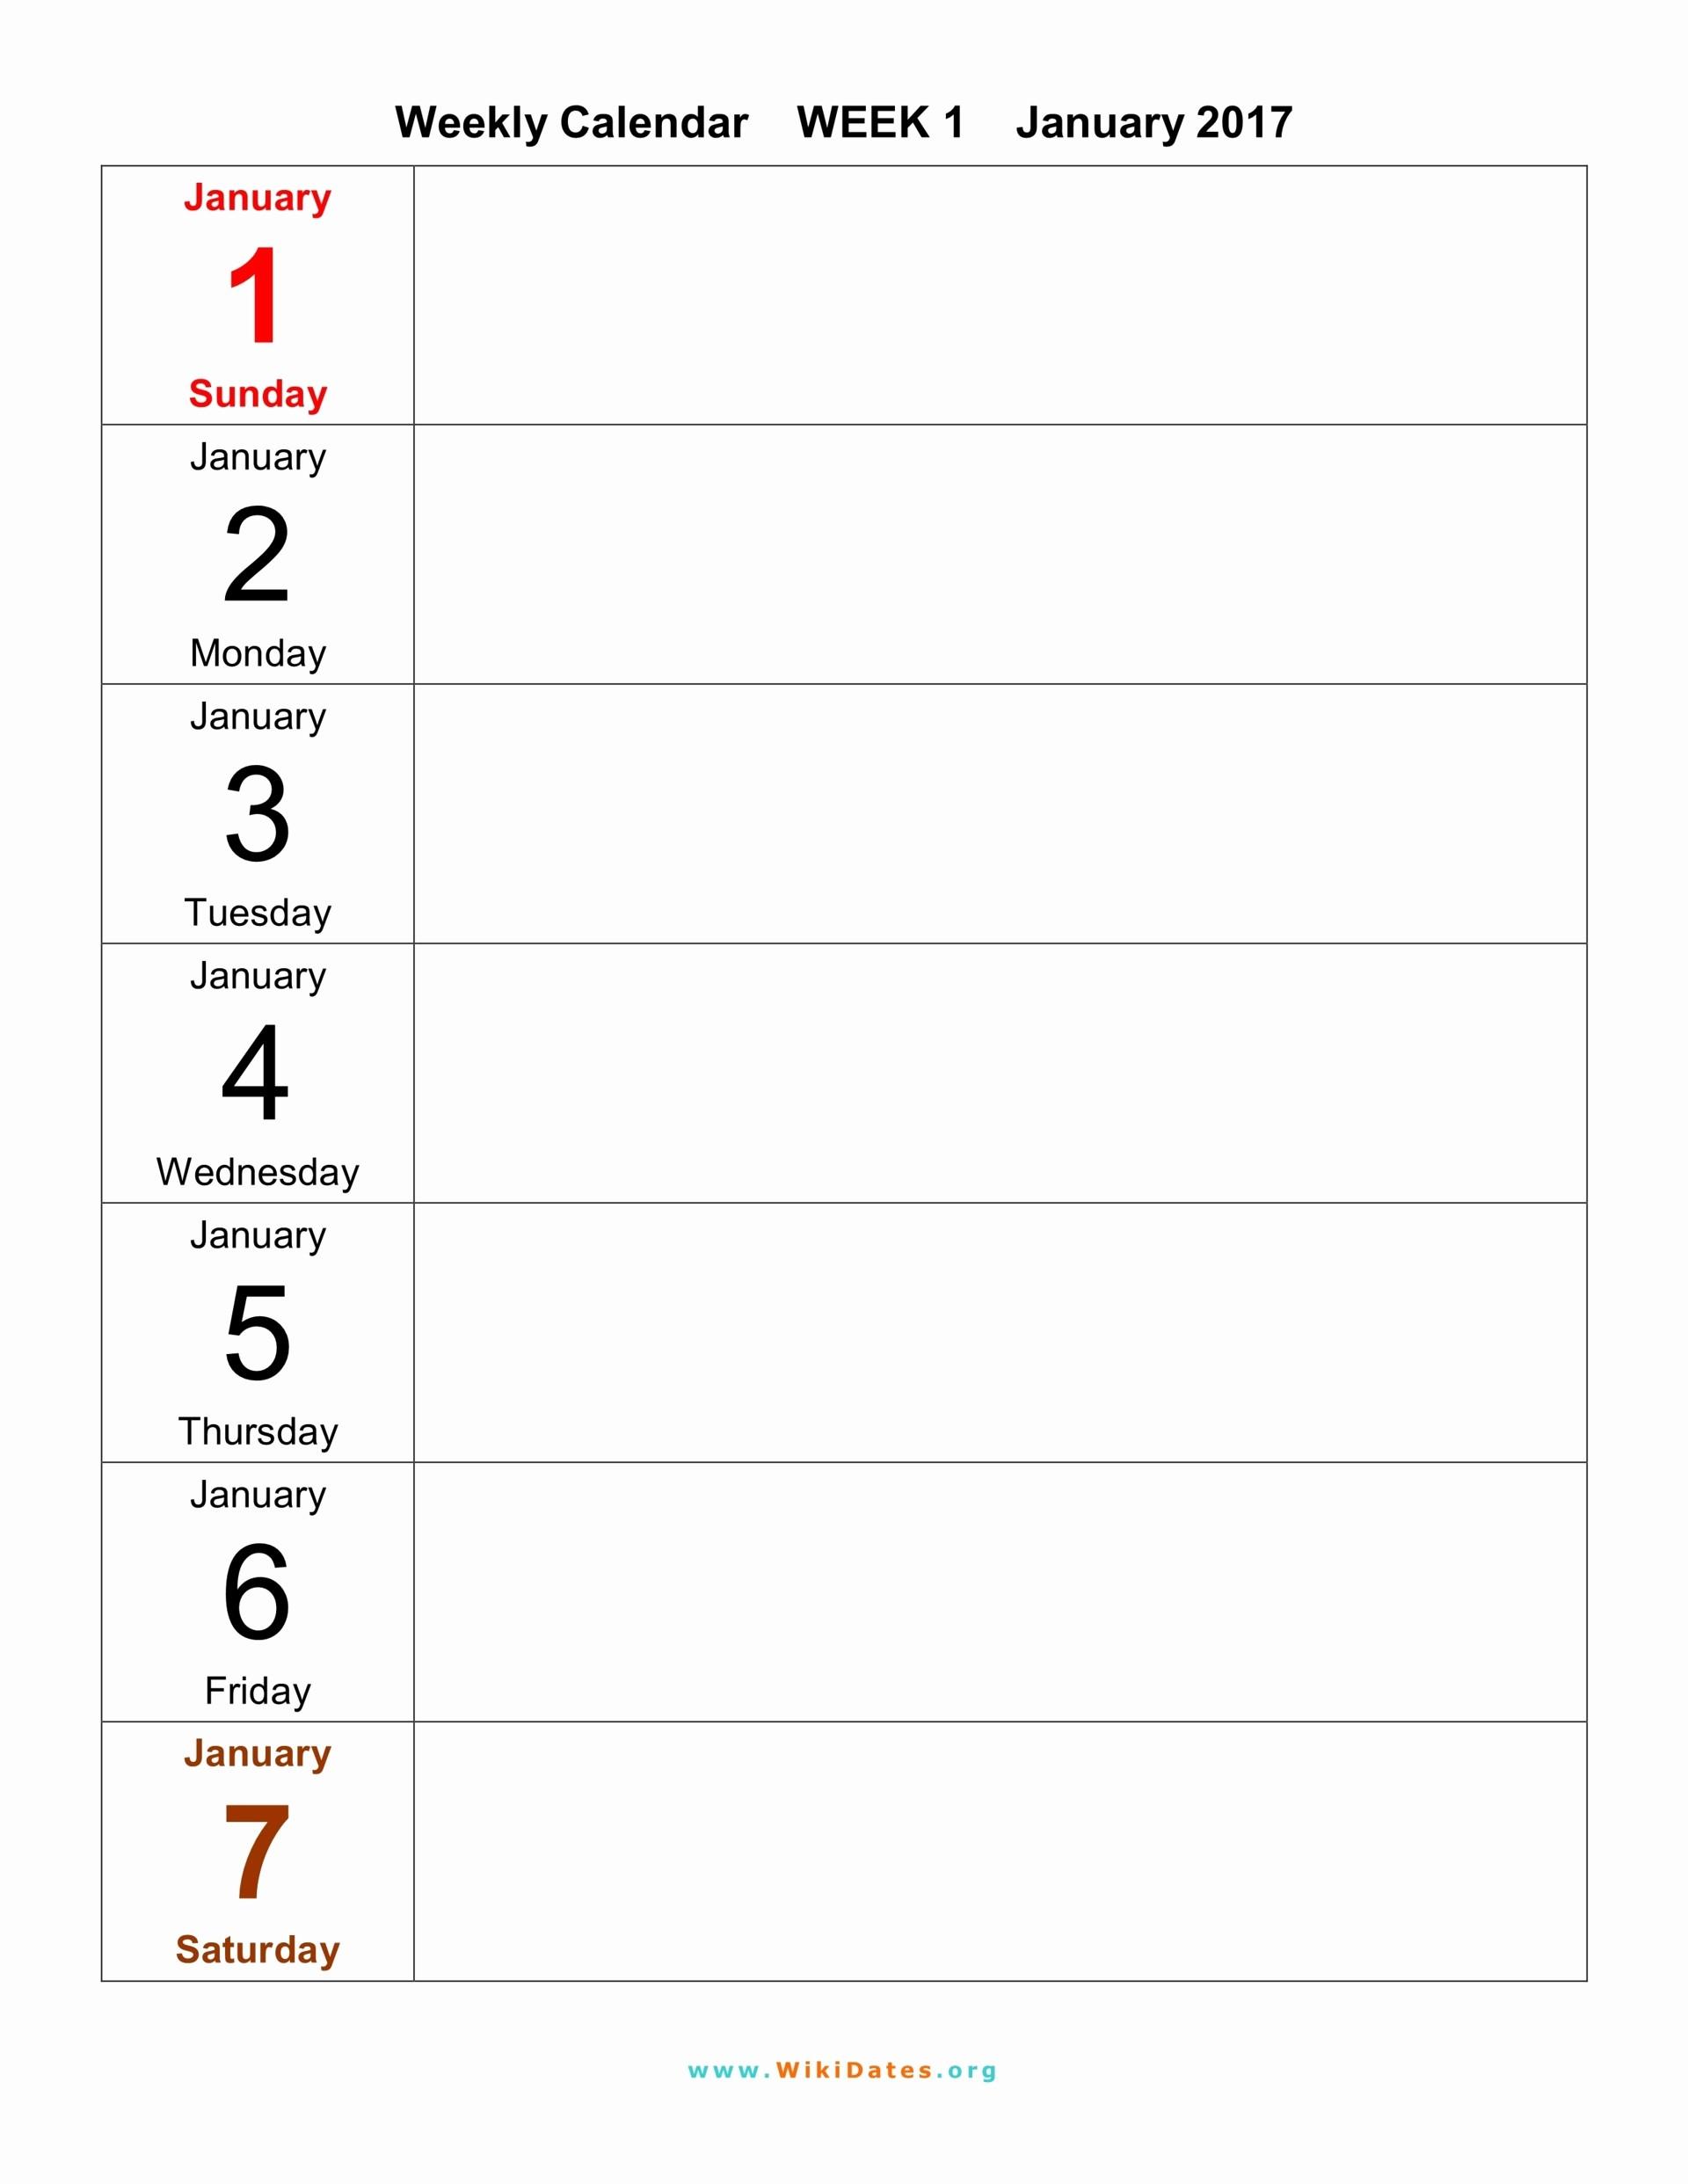 Week by Week Calendar Template Unique Weekly Calendar Download Weekly Calendar 2017 and 2018